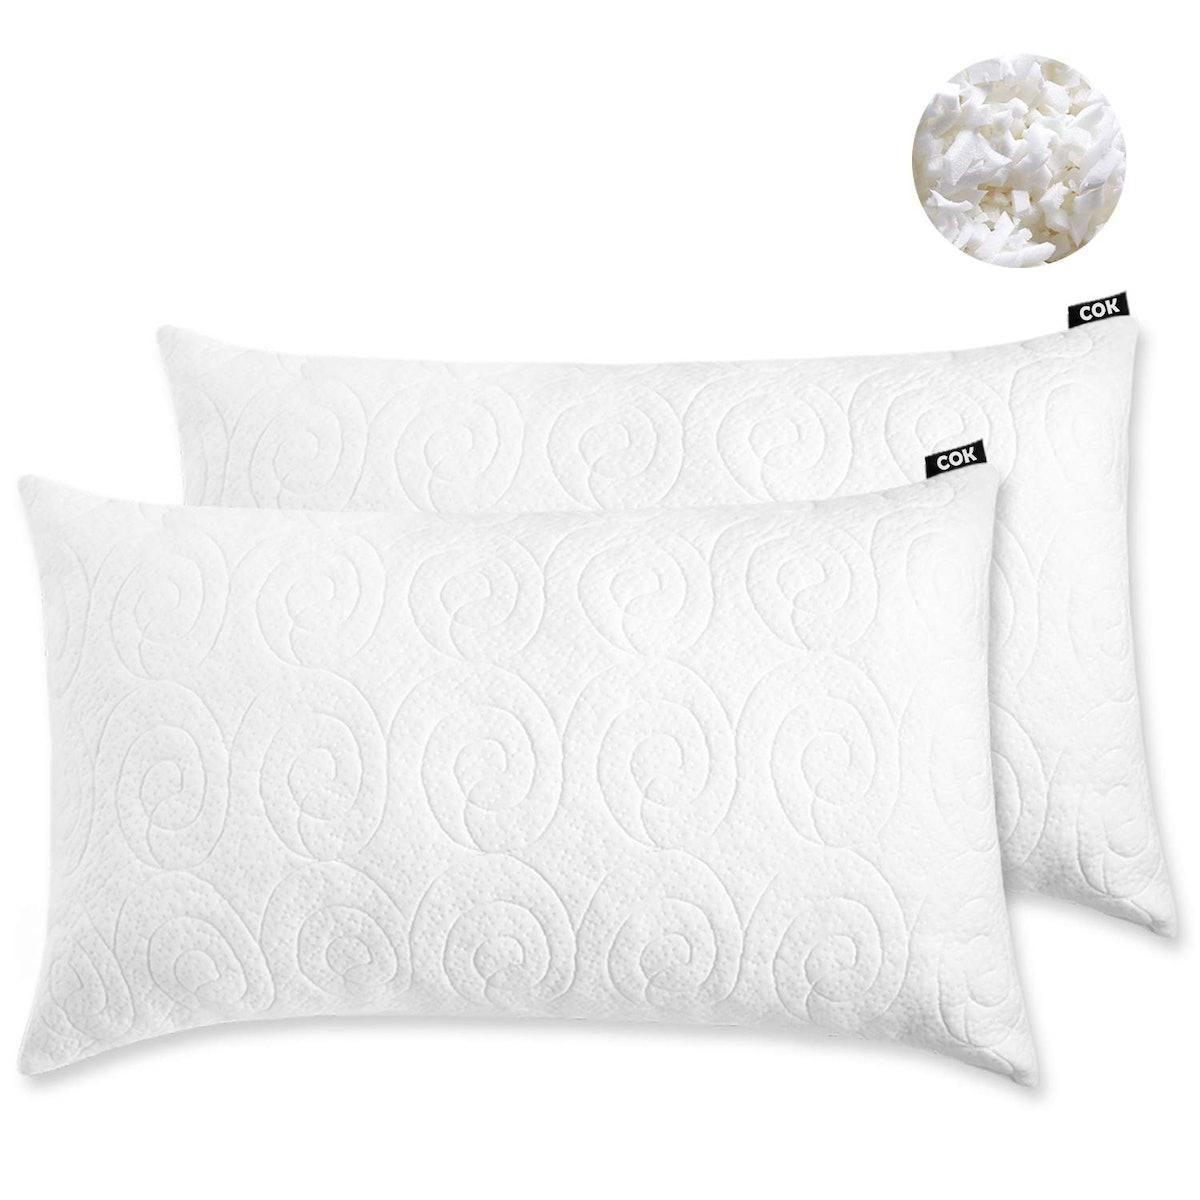 Cok Memory Foam Pillow (2 Pack)